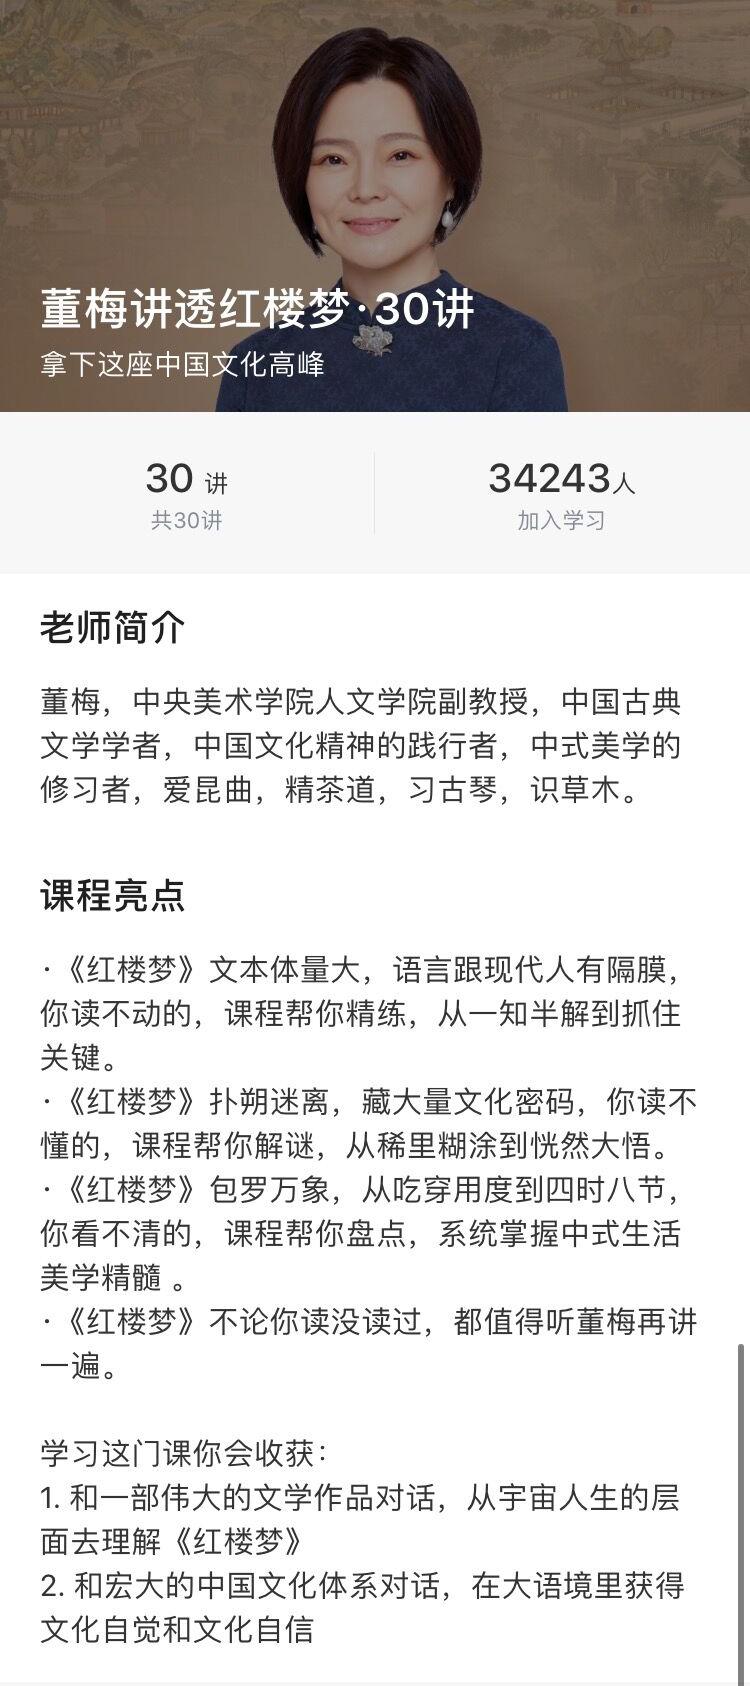 董梅讲透红楼梦文化30讲